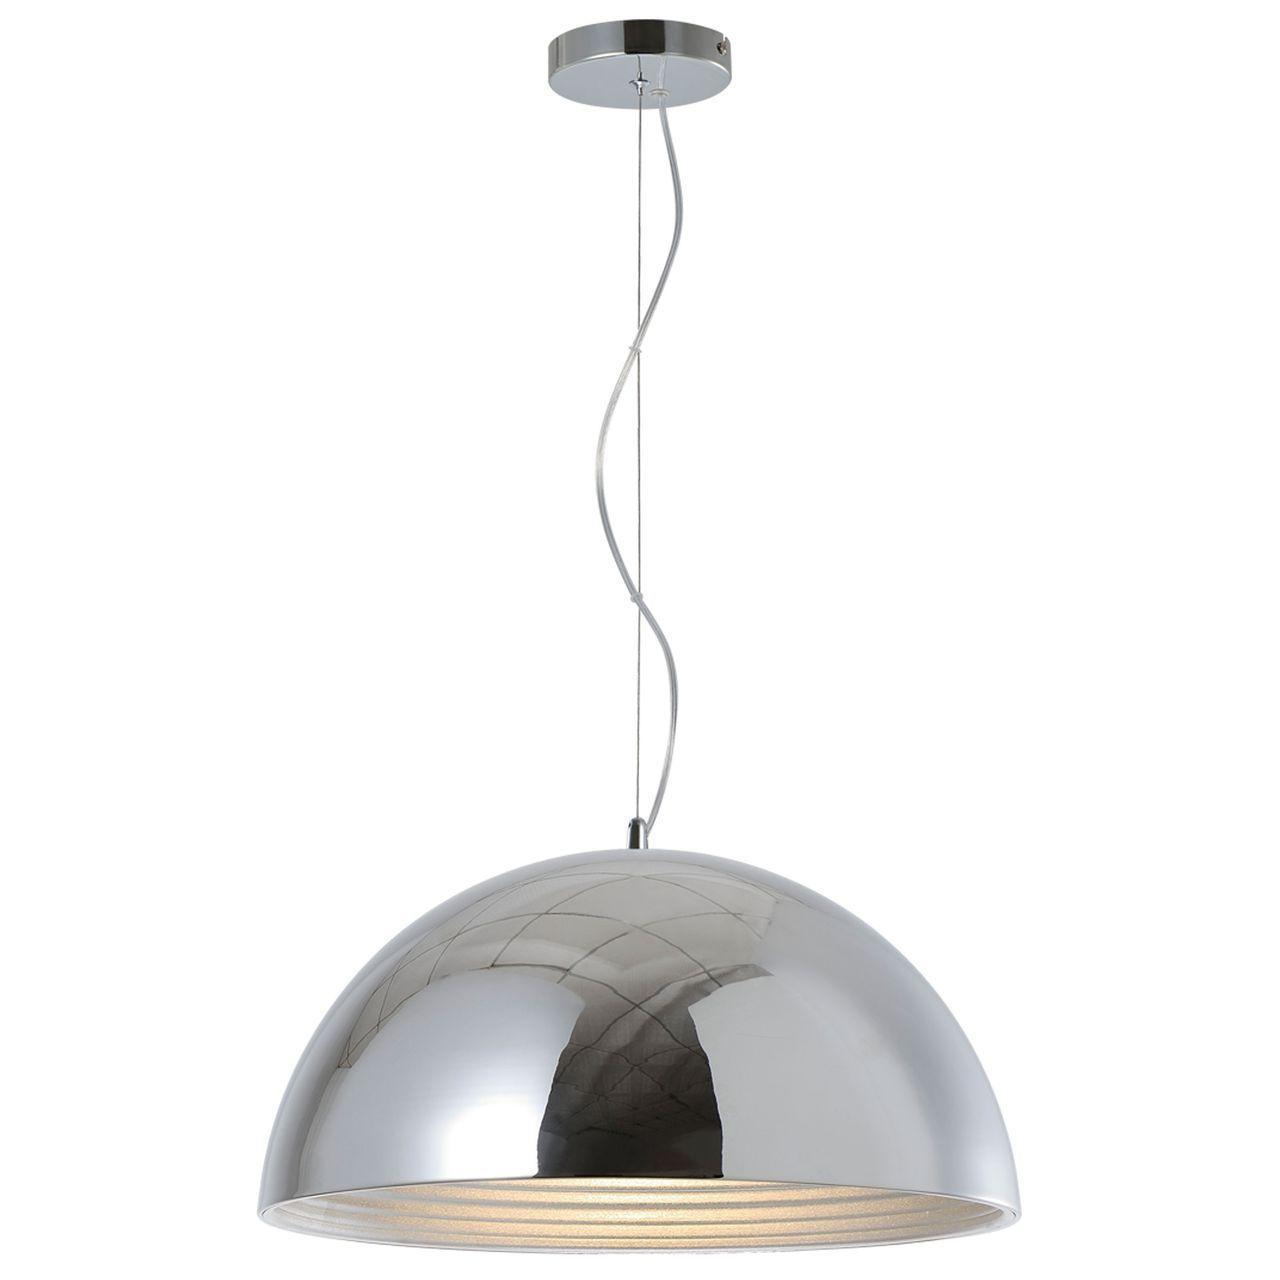 Подвесной светильник Spot Light Mads 1632128 подвесной светильник spot light bosco 1711170